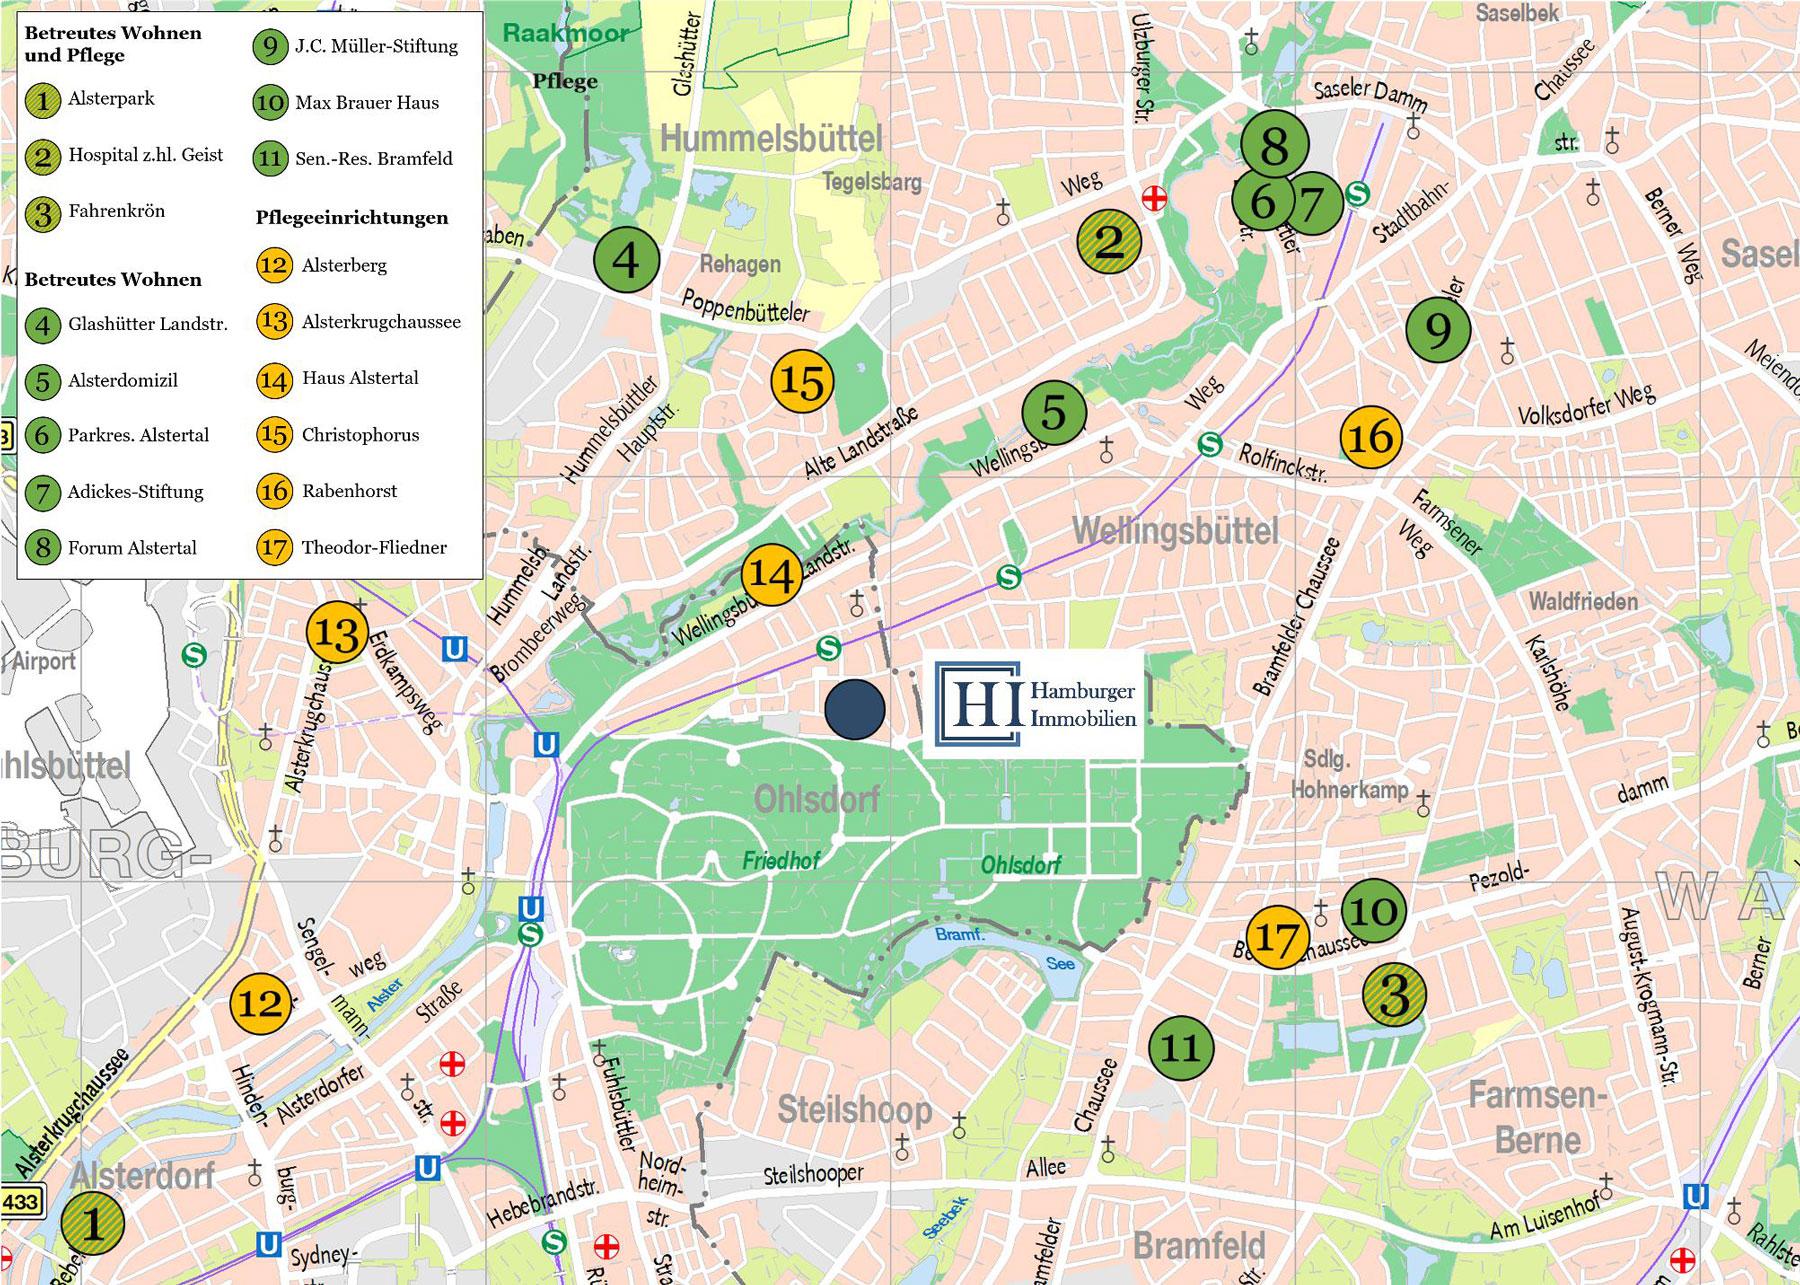 Karte Anbieter Pflege und betreutes Wohnen in Hamburg Wellingsbüttel, Poppenbüttel, Alsterdorf, Fuhlsbüttel, Ohlsdorf und Klein-Borstel